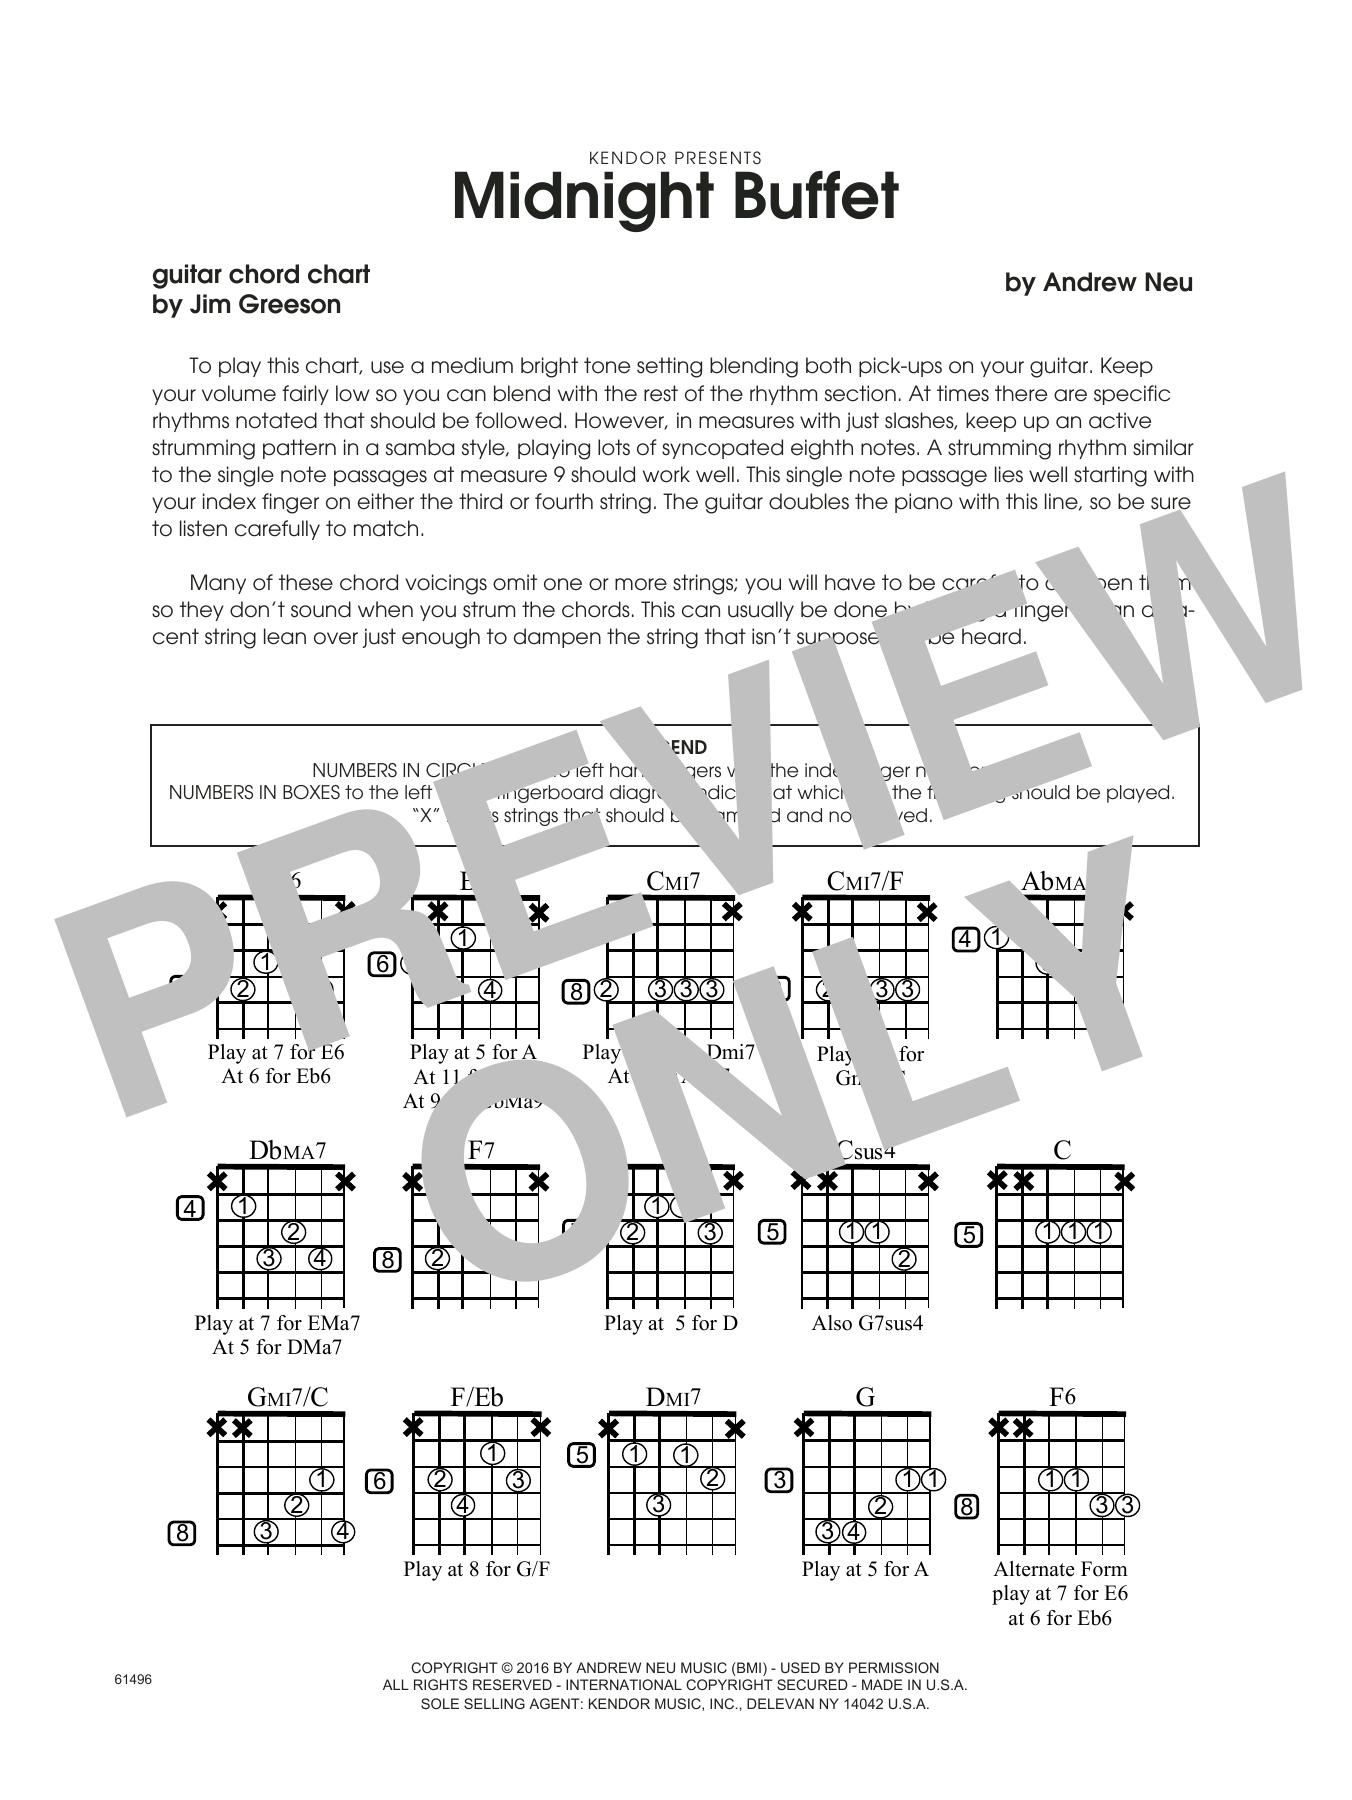 Midnight Buffet - Guitar Chord Chart Sheet Music